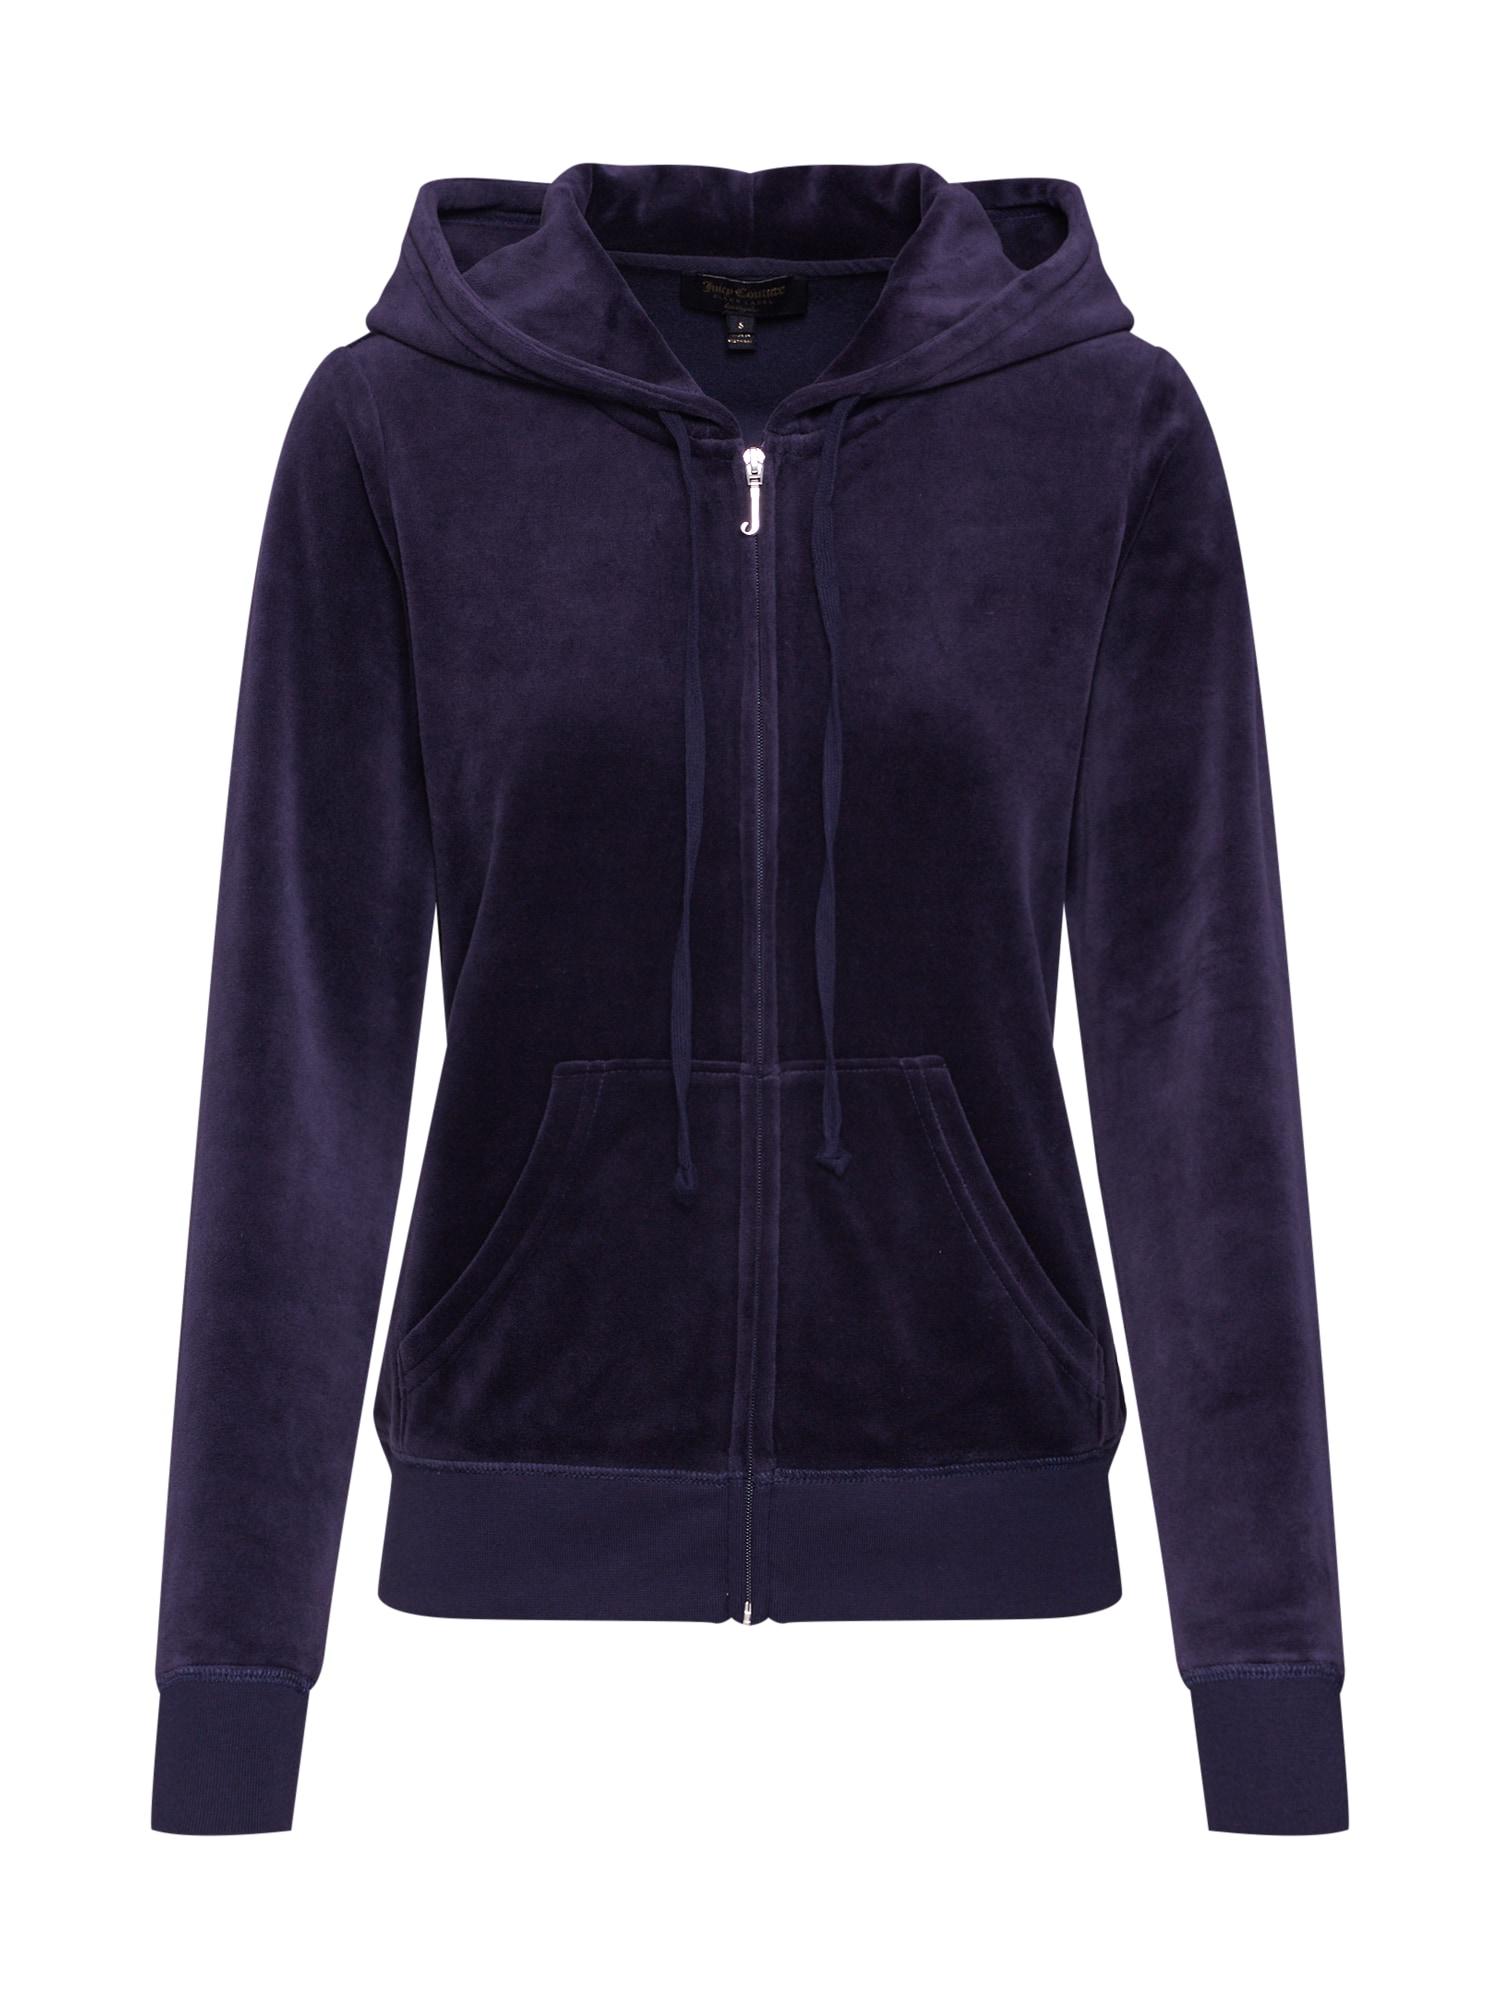 Mikina s kapucí Velour Robertson námořnická modř Juicy Couture Black Label